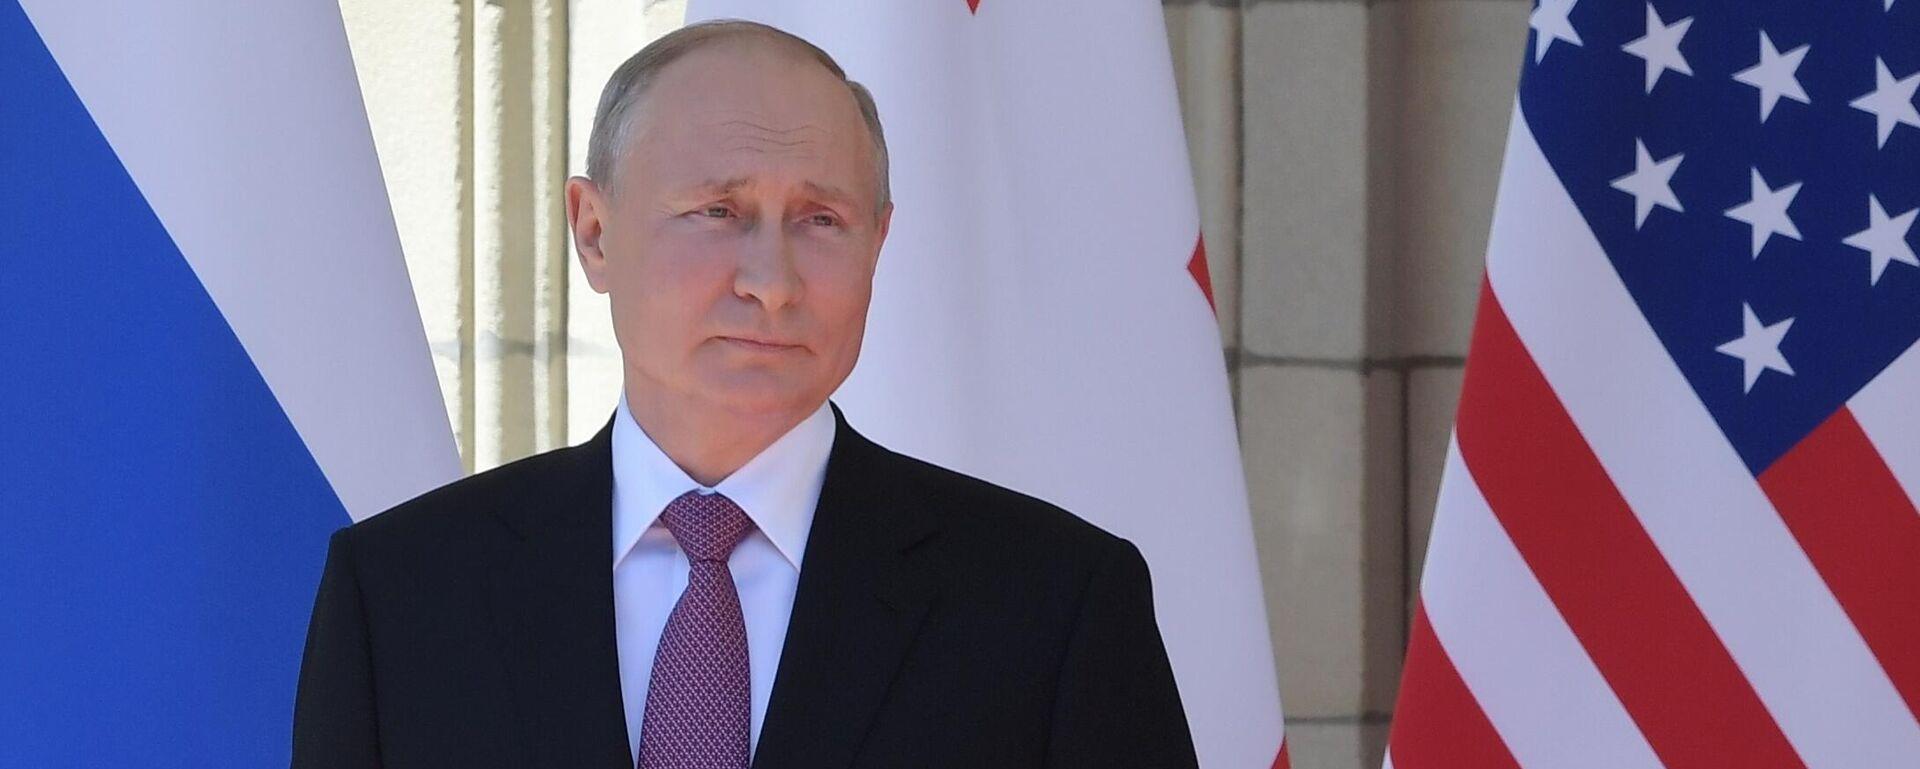 Президент РФ Владимир Путин во время встречи с президентом США Джо Байденом в Женеве - Sputnik Латвия, 1920, 16.06.2021